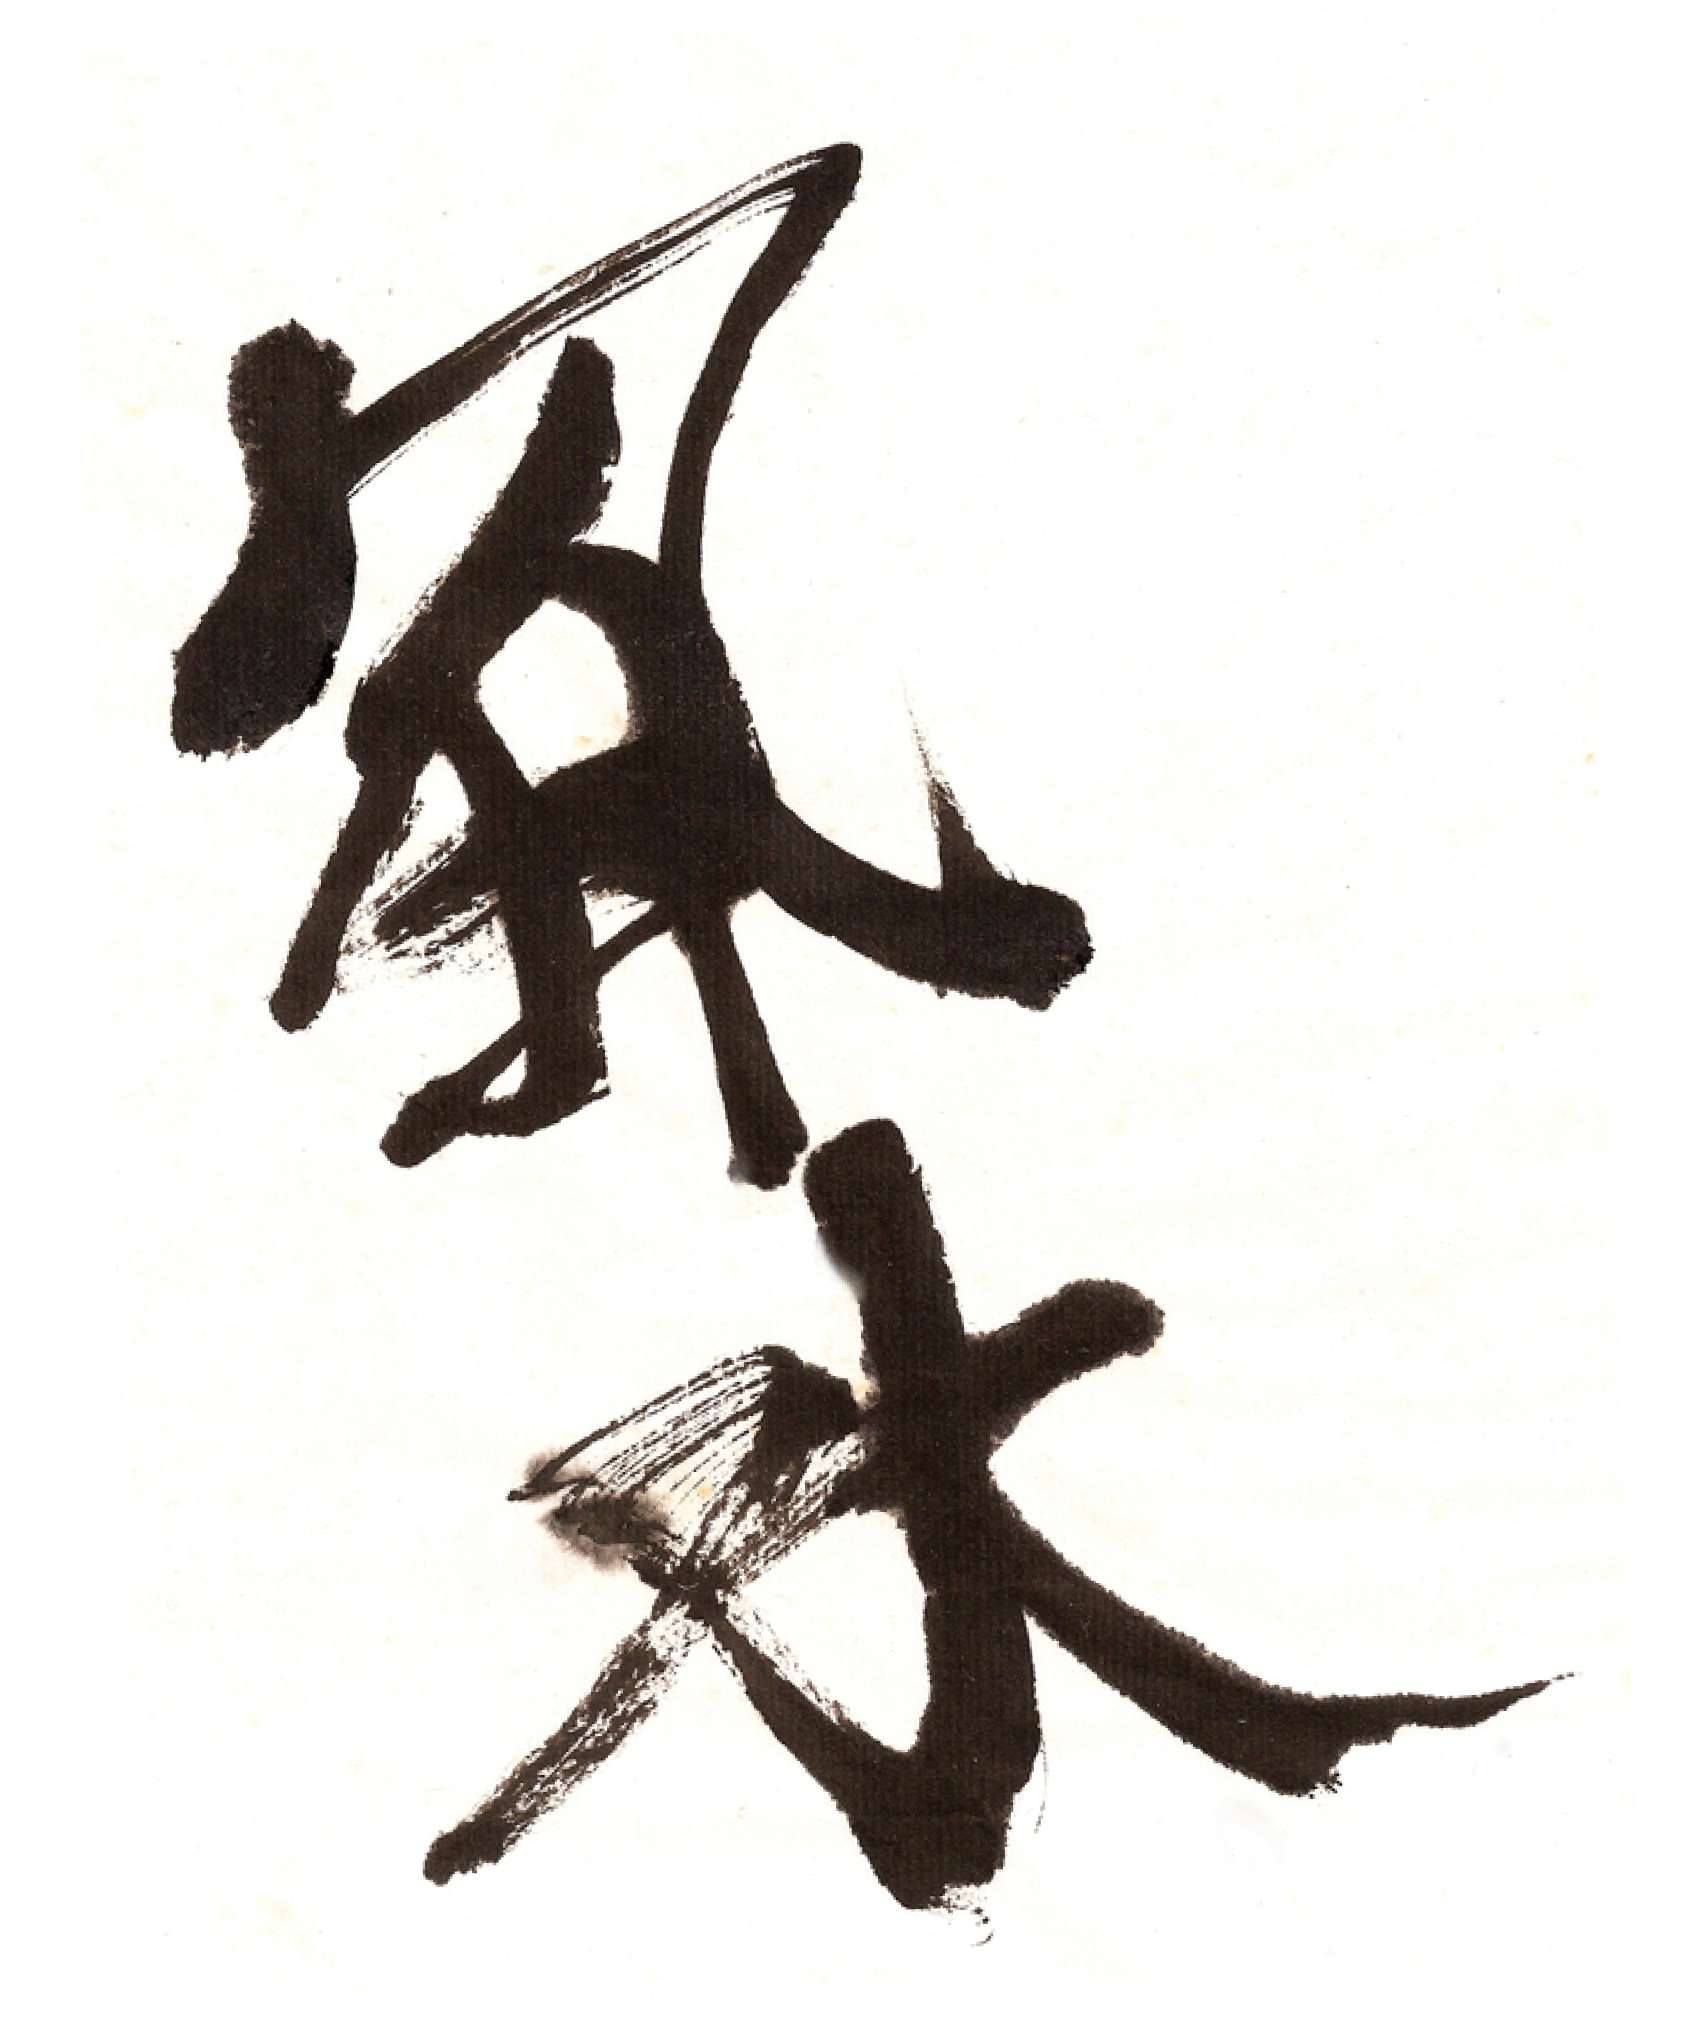 fengshui1